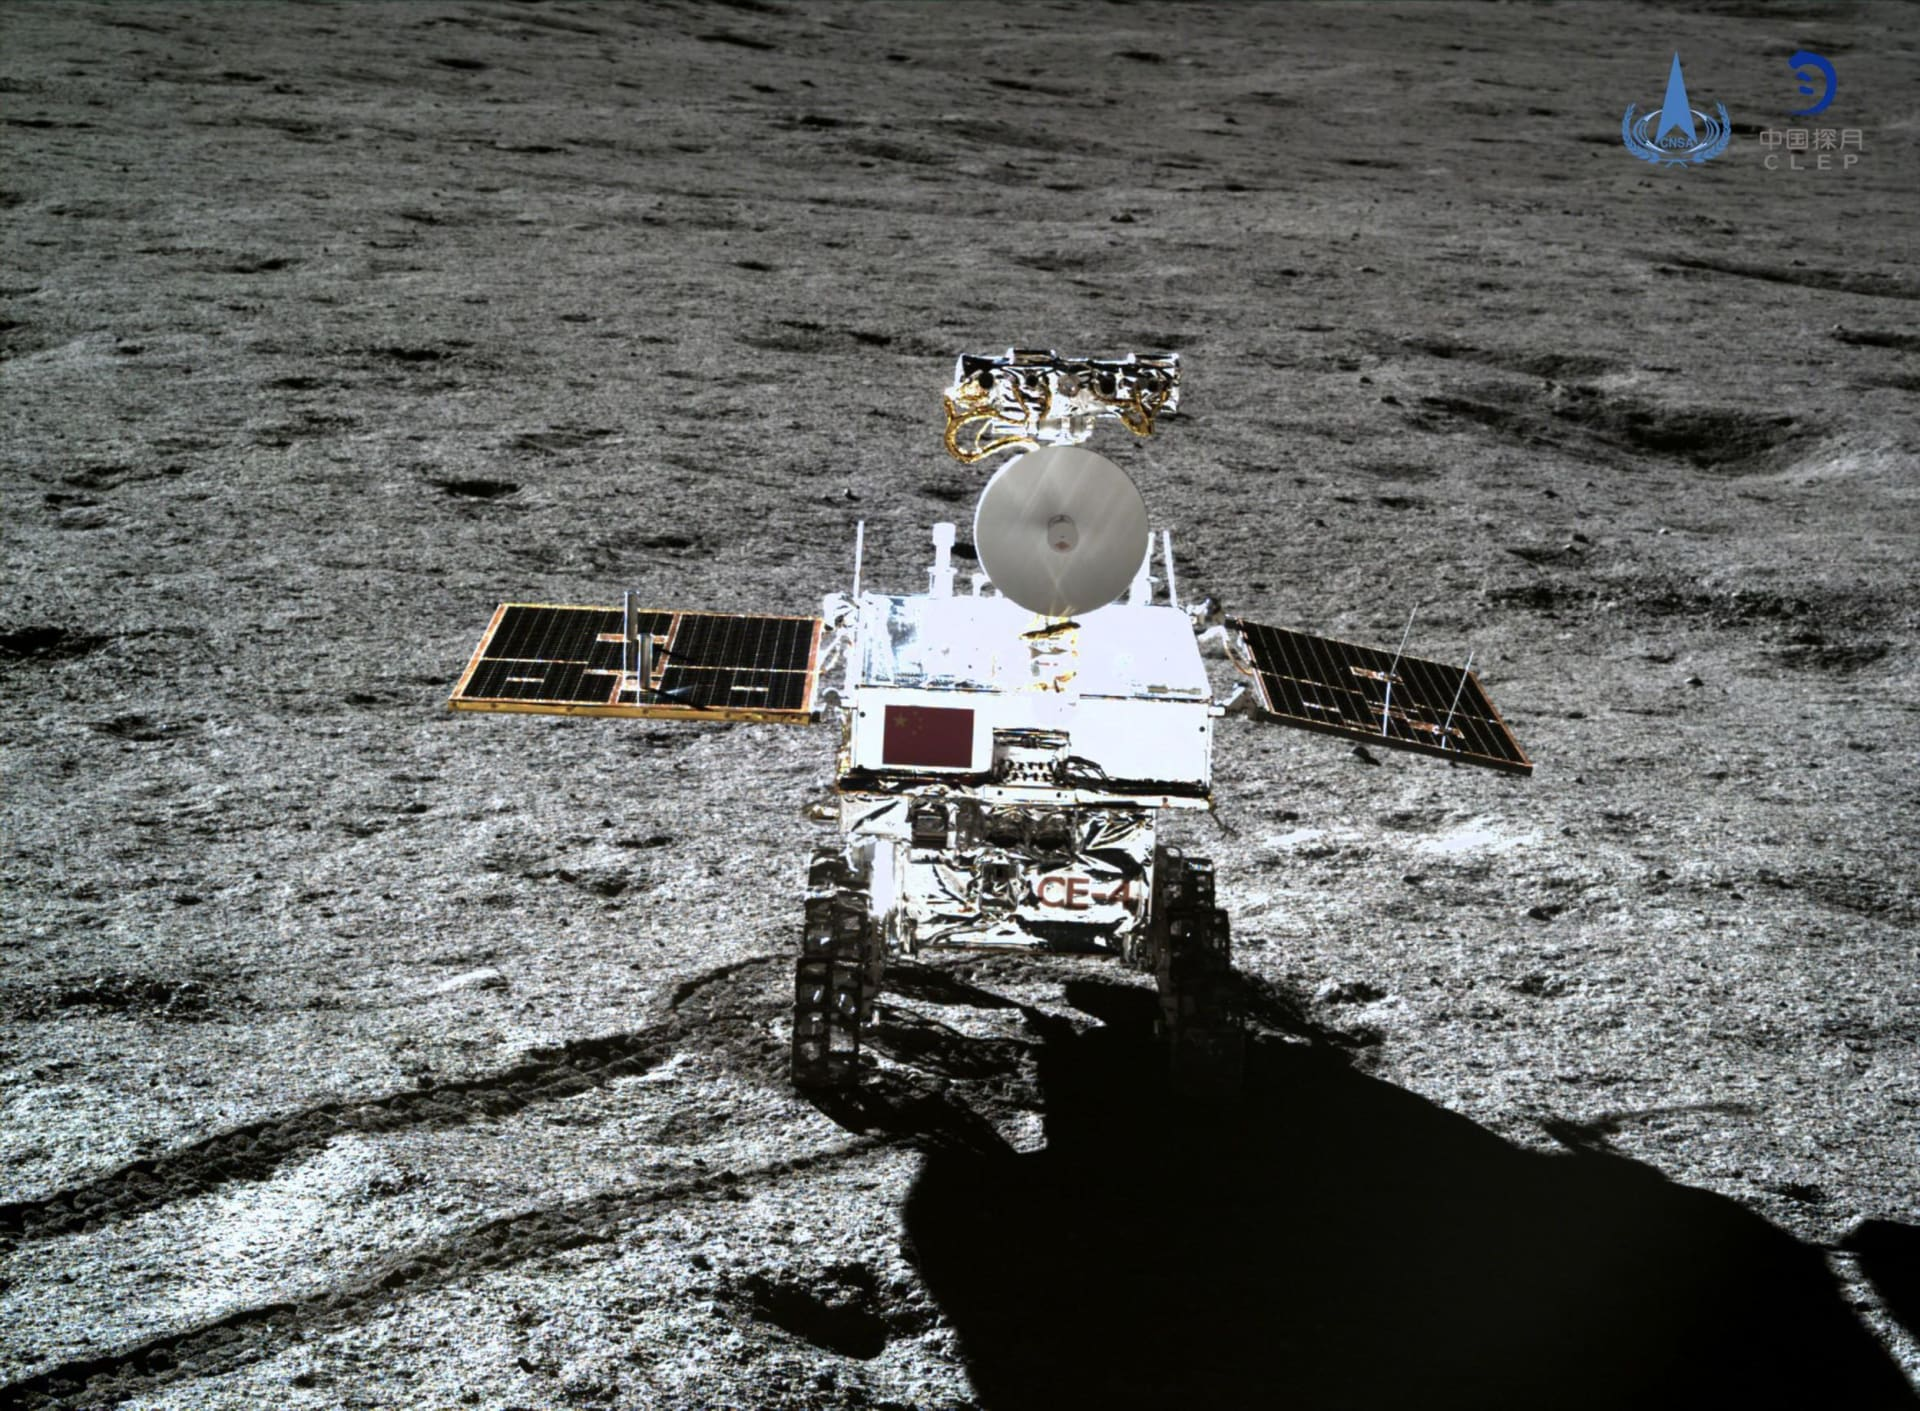 مركبة فضاء صينية تحط على سطح القمر لجمع عينات من ترابه وصخوره